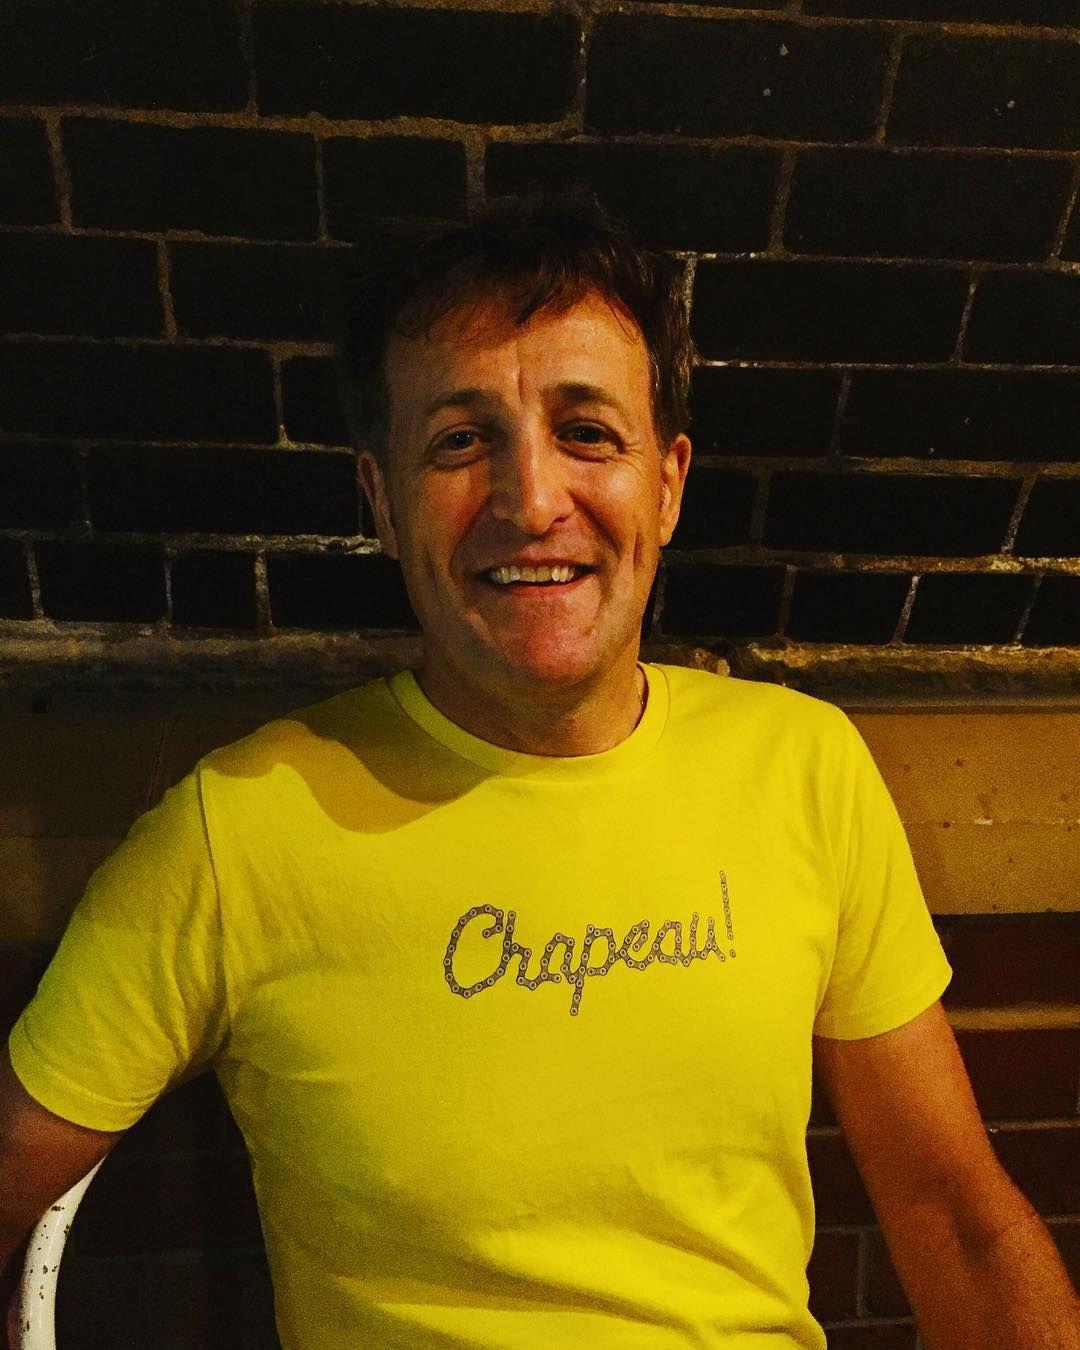 Chapeau Men S Cycling T Shirt Cycling T Shirt T Shirt Mens Cycling